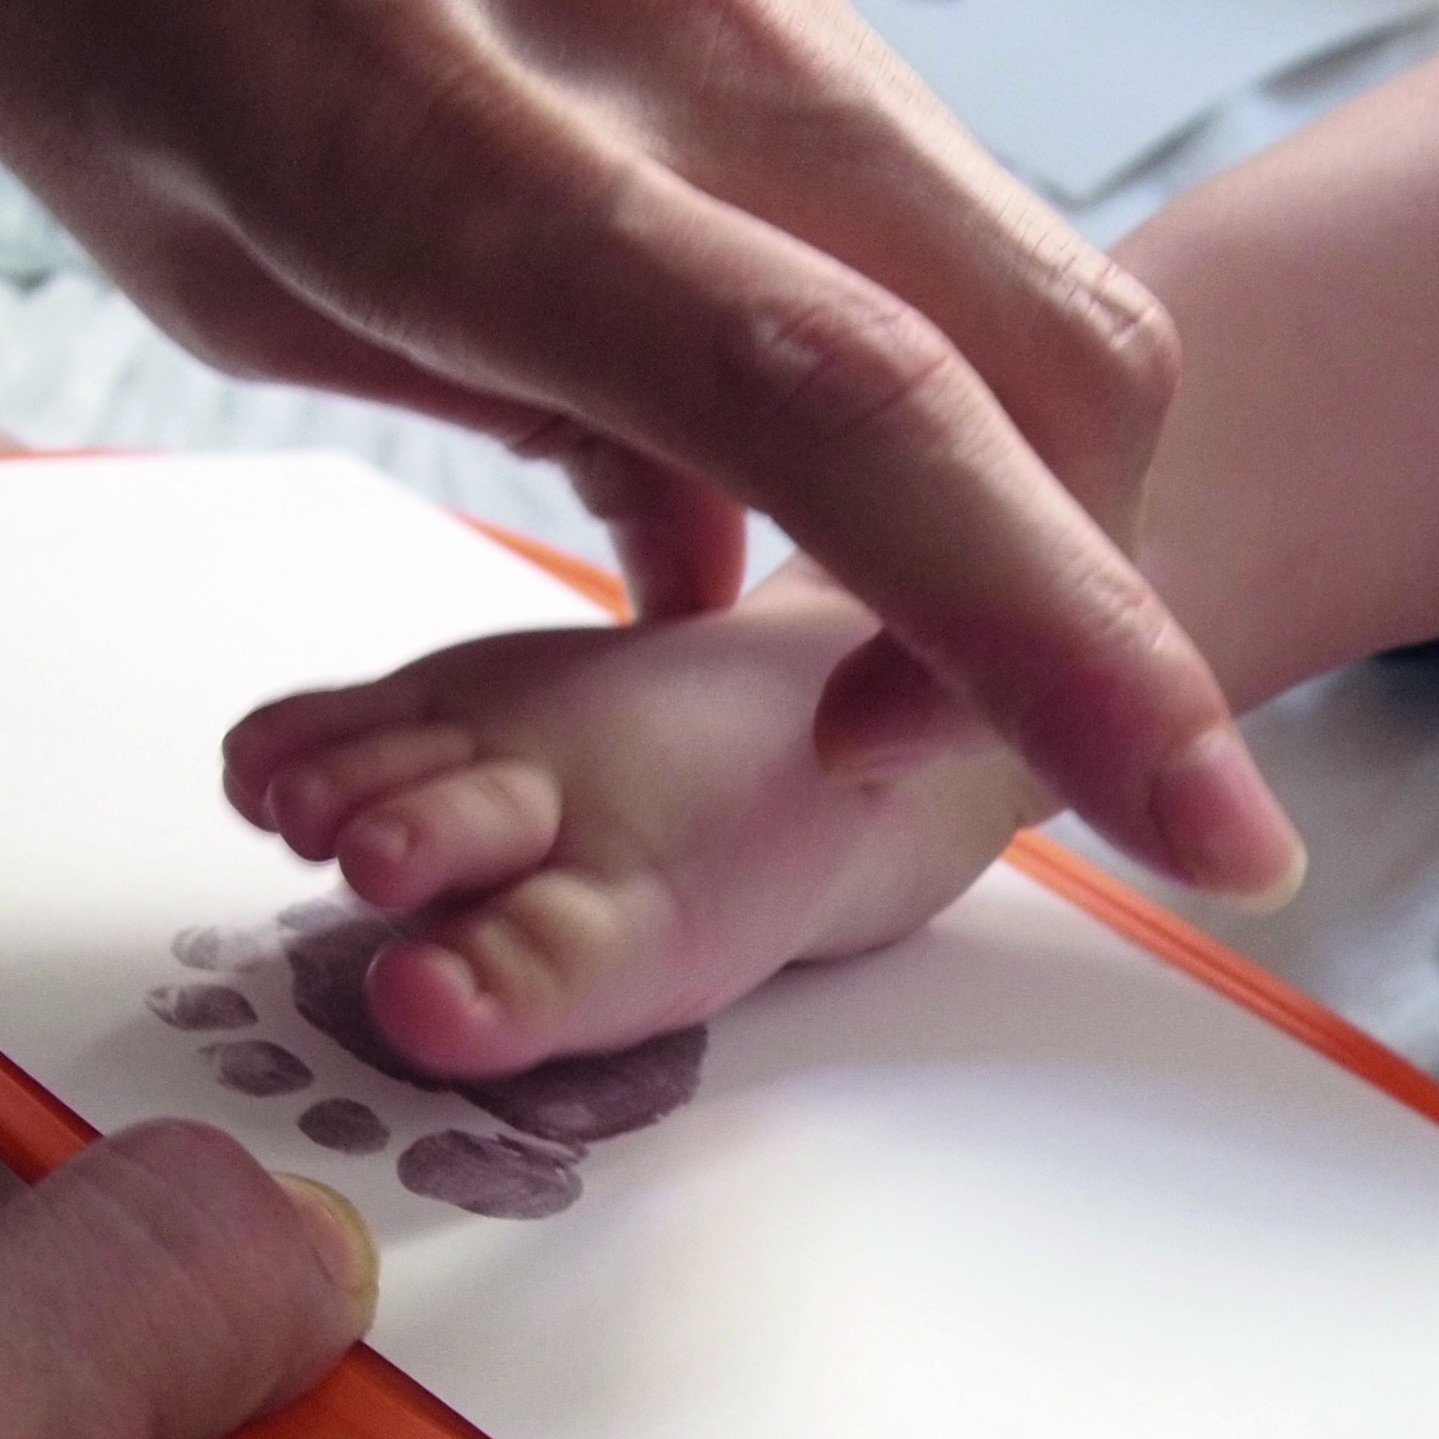 ohne Farbe 14 x 10,5 cm - von Babys 1st Step ohne Gips 6 Stk. MAGISCHES BABY ABDRUCKSET ca. A6 direkt auf beschichtetem Papier